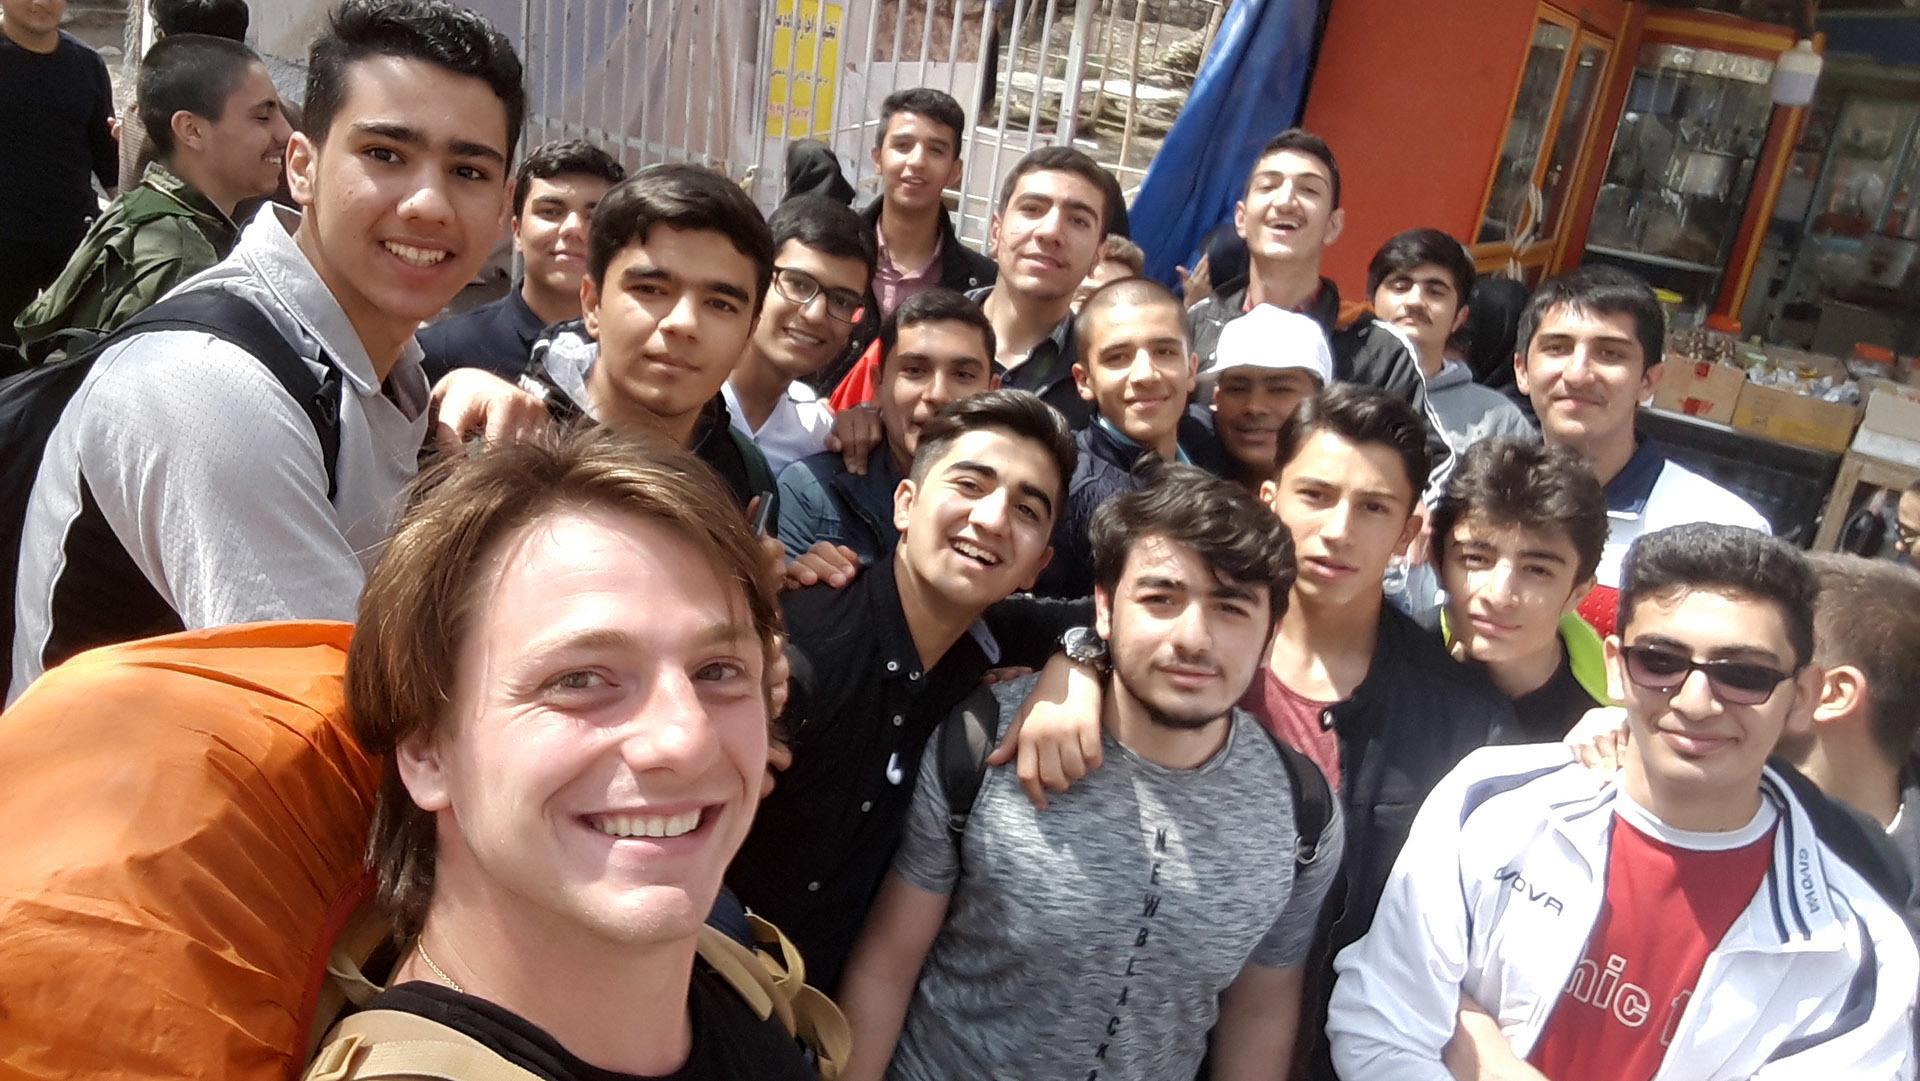 Pfastatt : le tour du monde en stop de Julien de Weijer : un accueil chaleureux en Iran